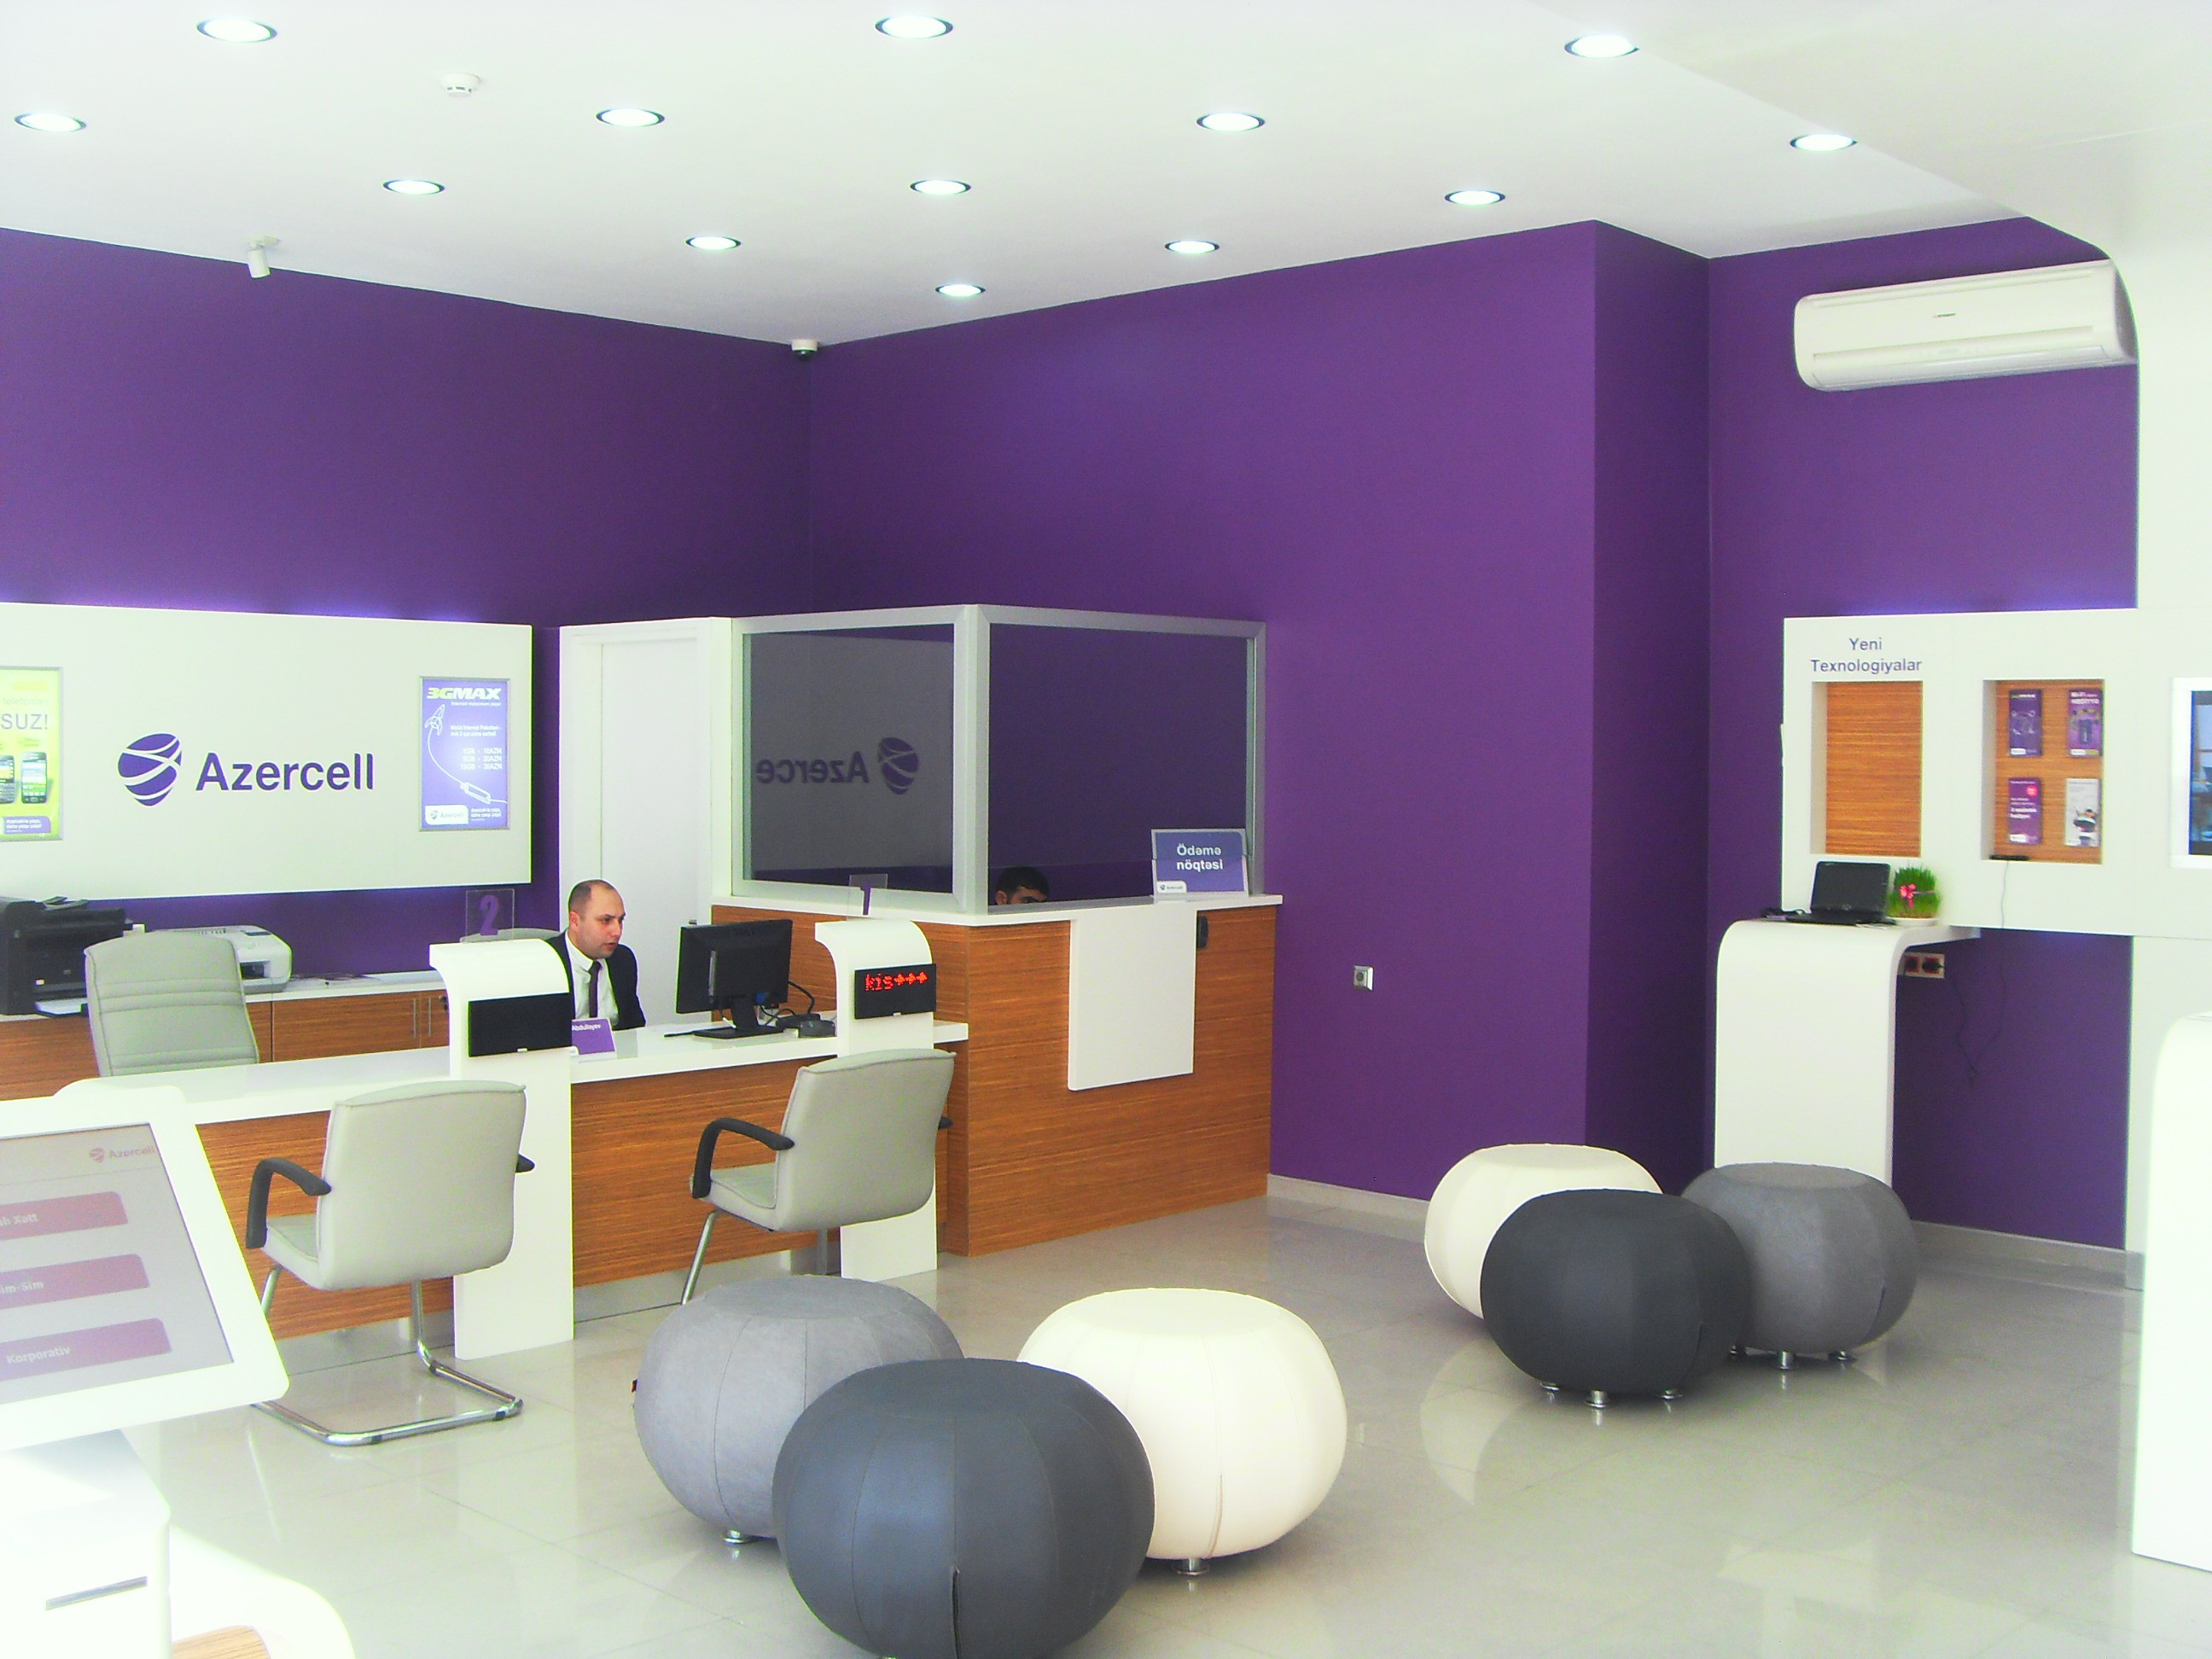 Biləsuvar və Cəlilabadda Azercell Ekspres ofisləri açıldı